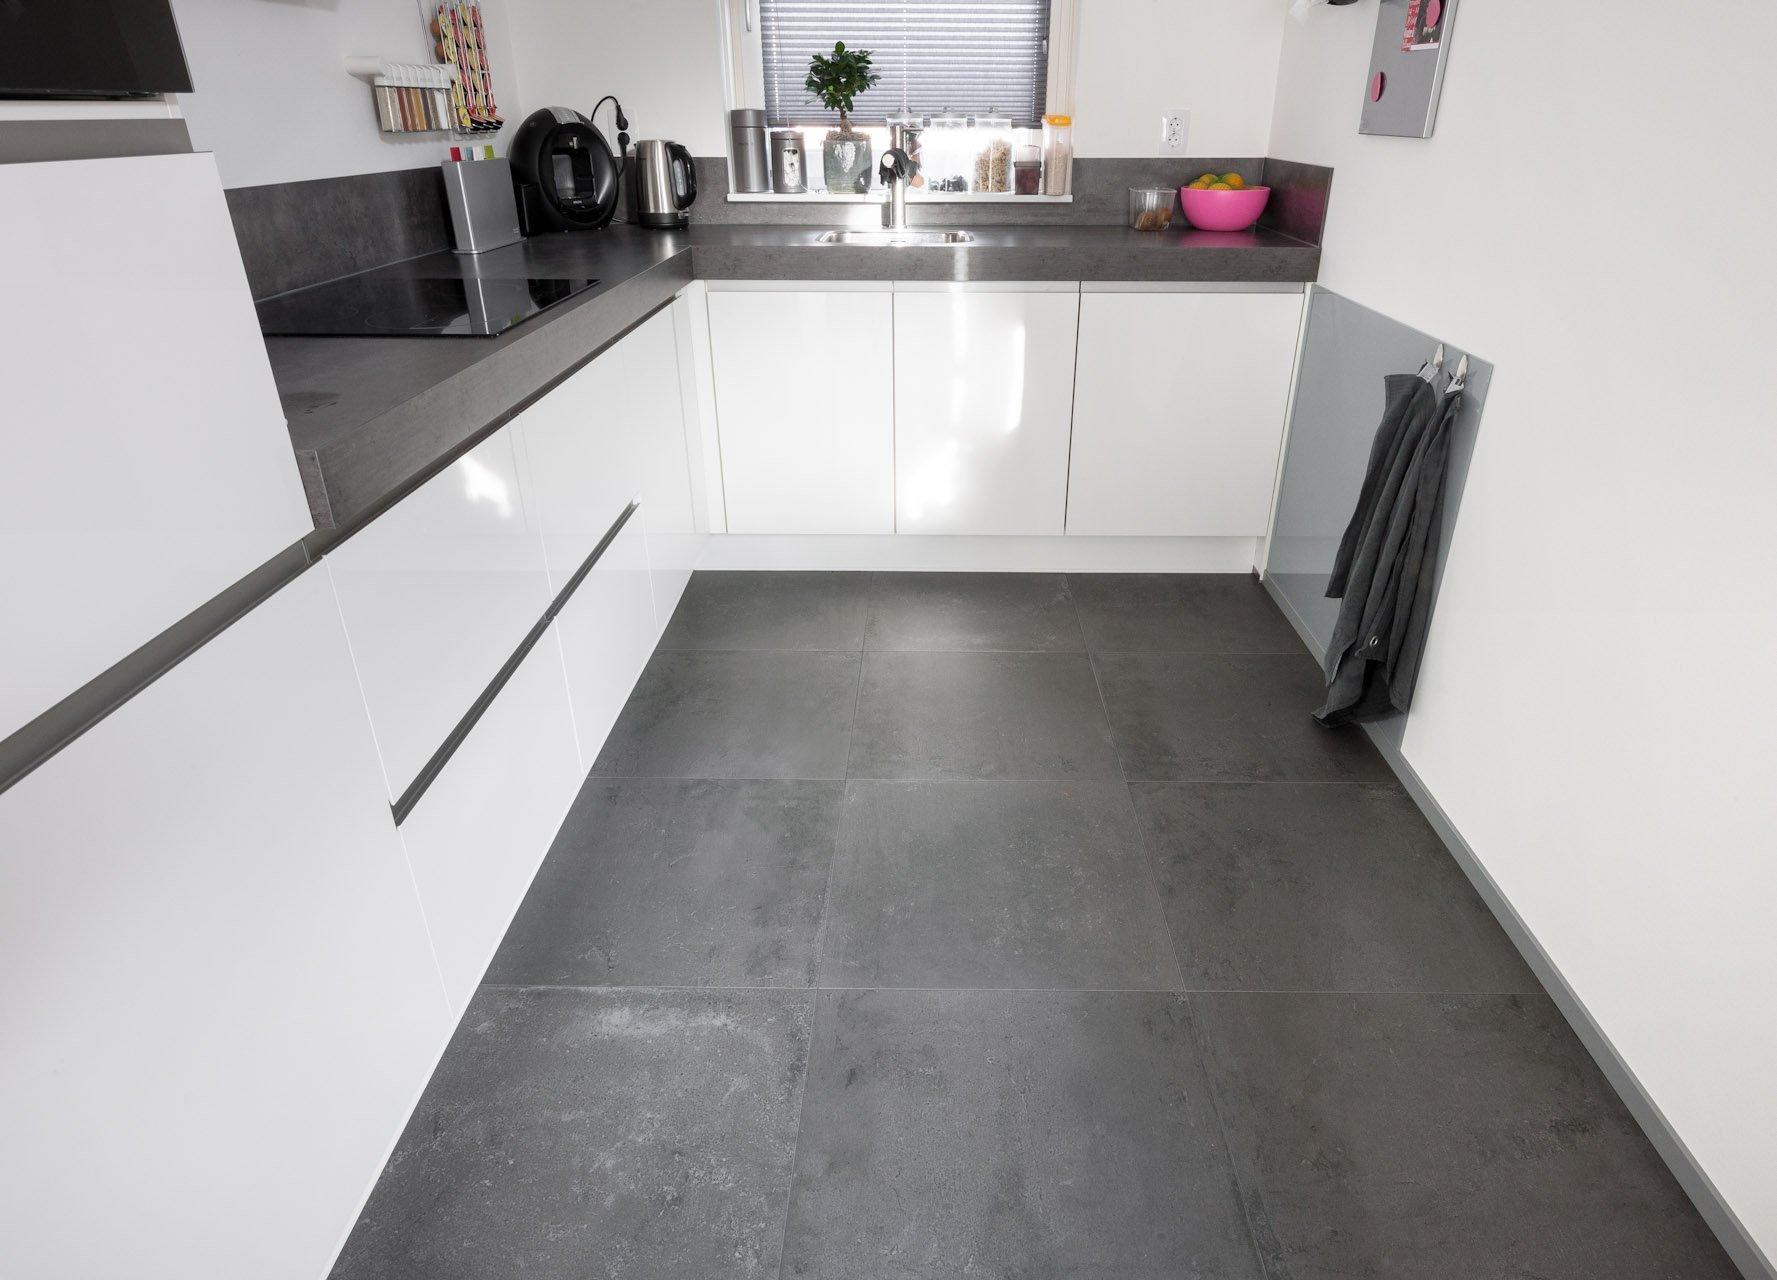 keuken tegels natuursteen : Keukentegels Wandtegels Voor In De Keuken Kroon